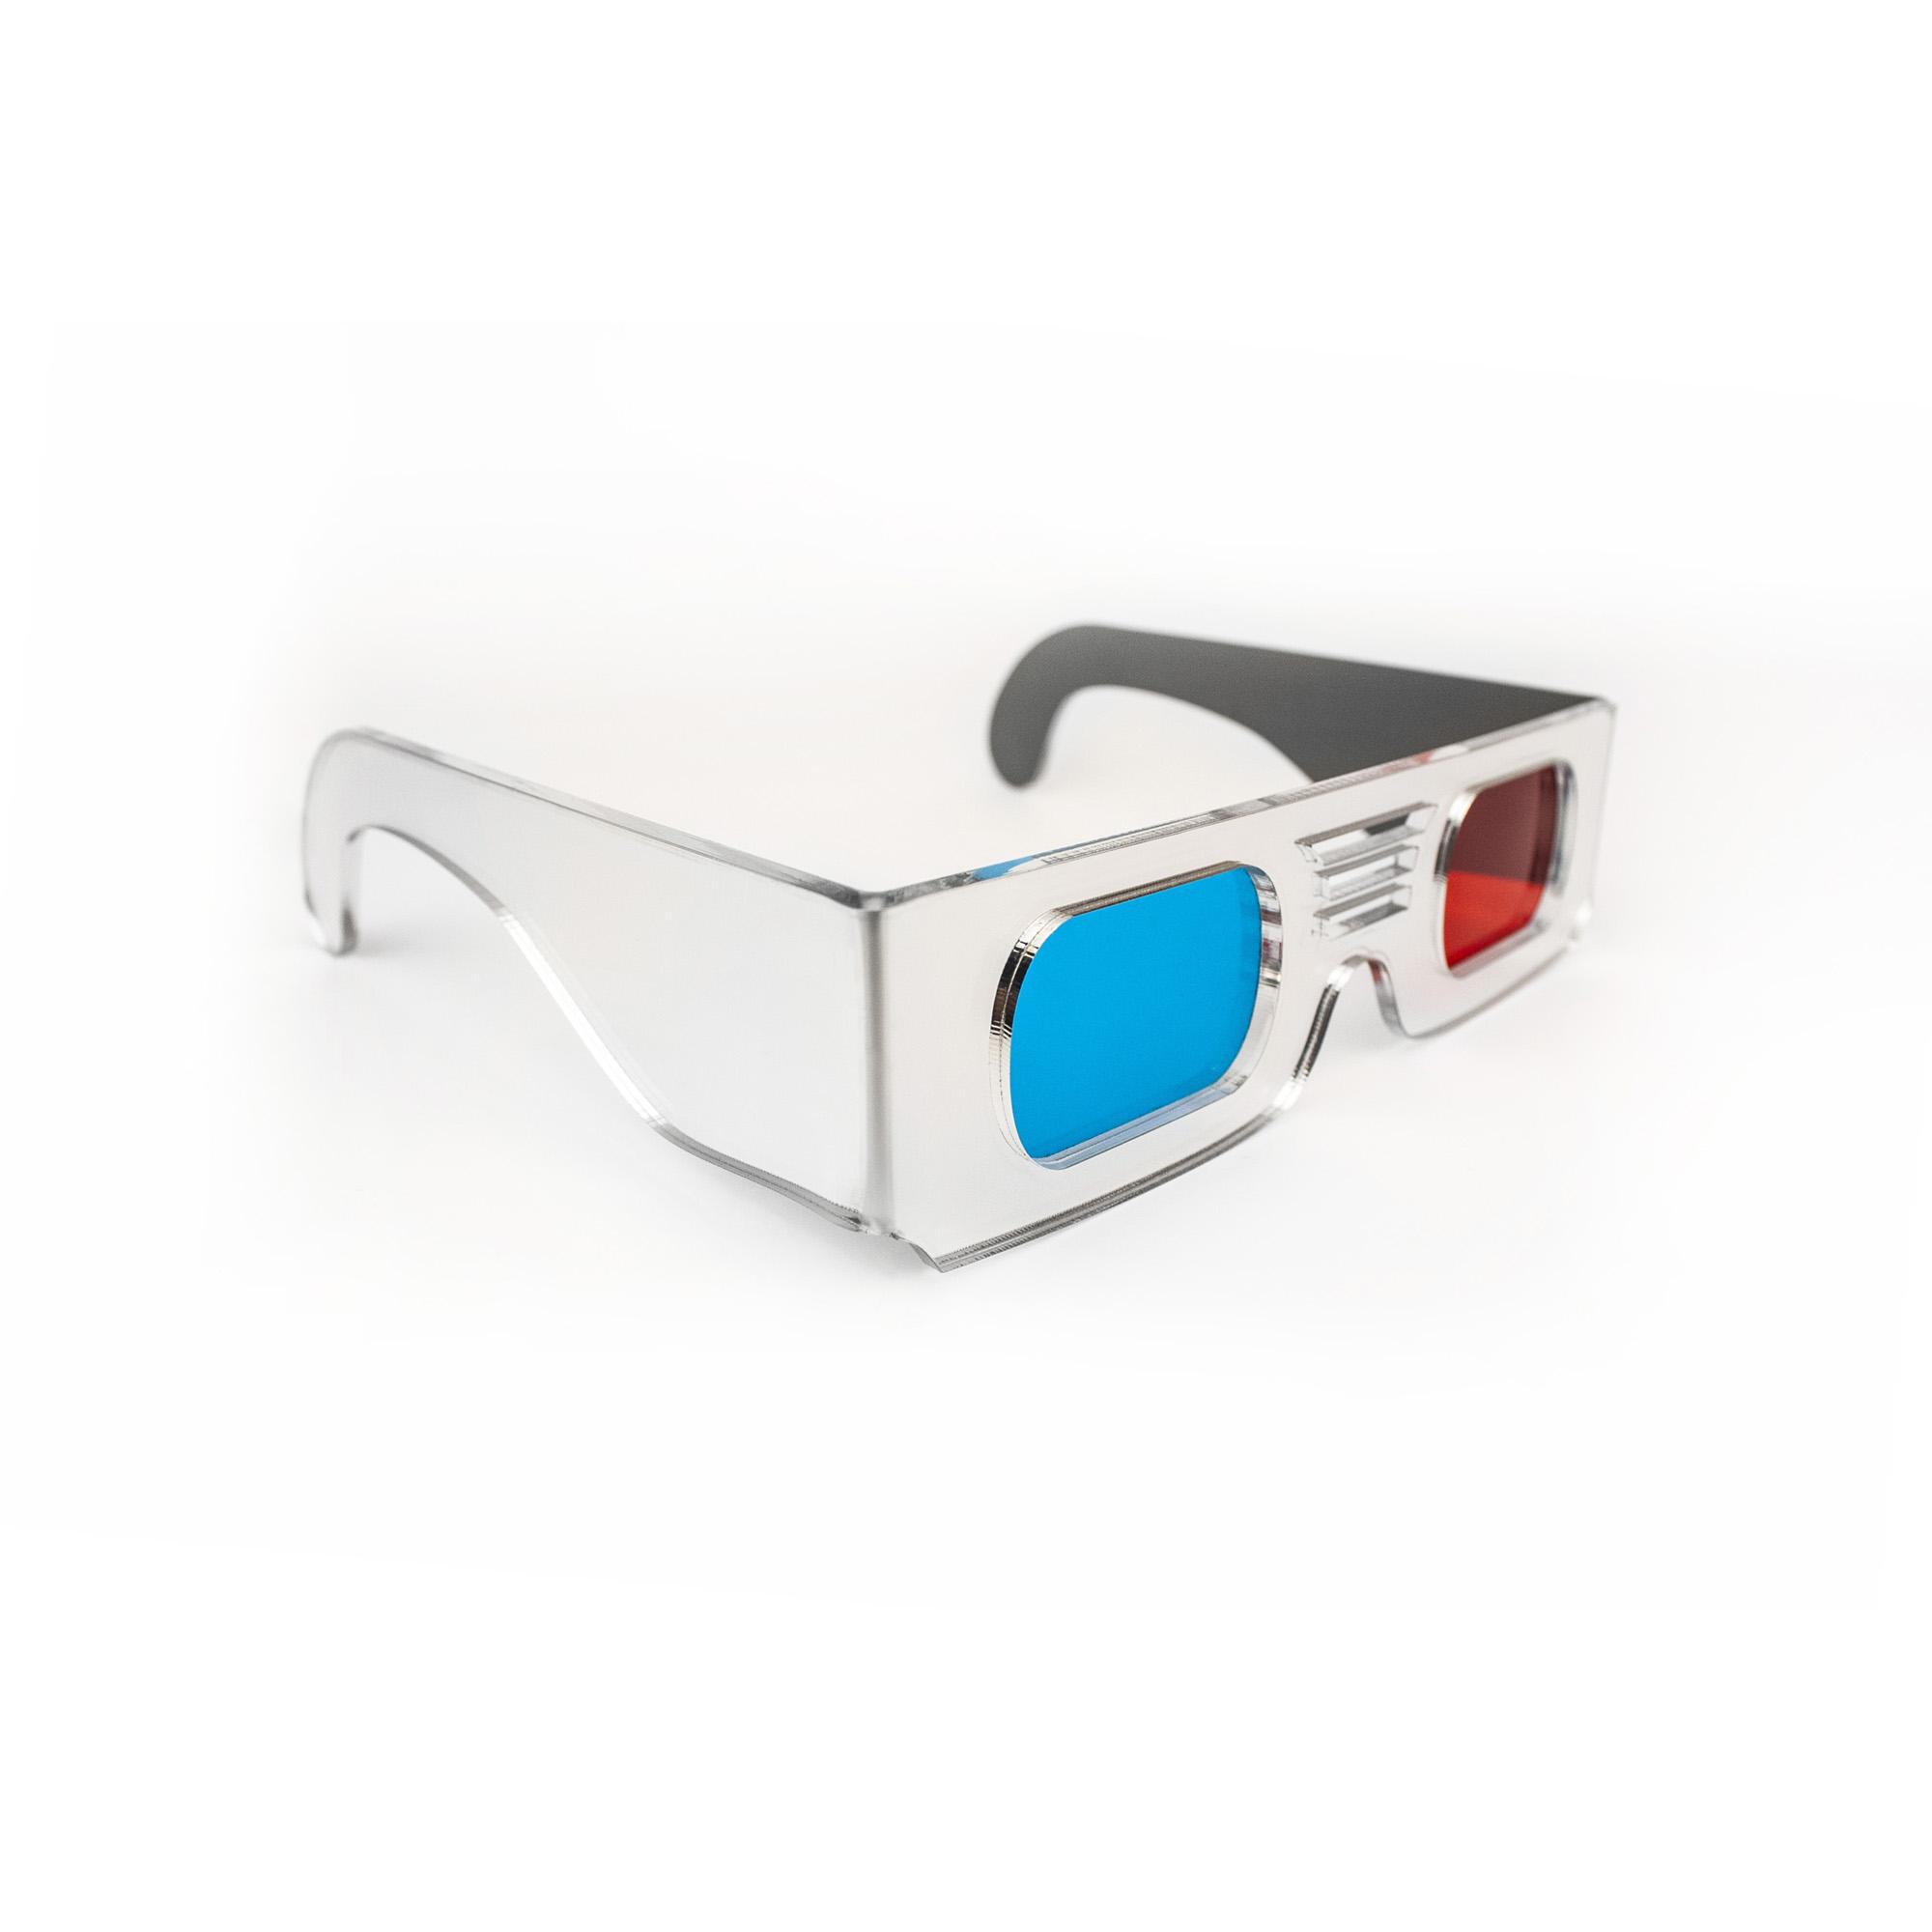 Eyerobics_3D glasses_square